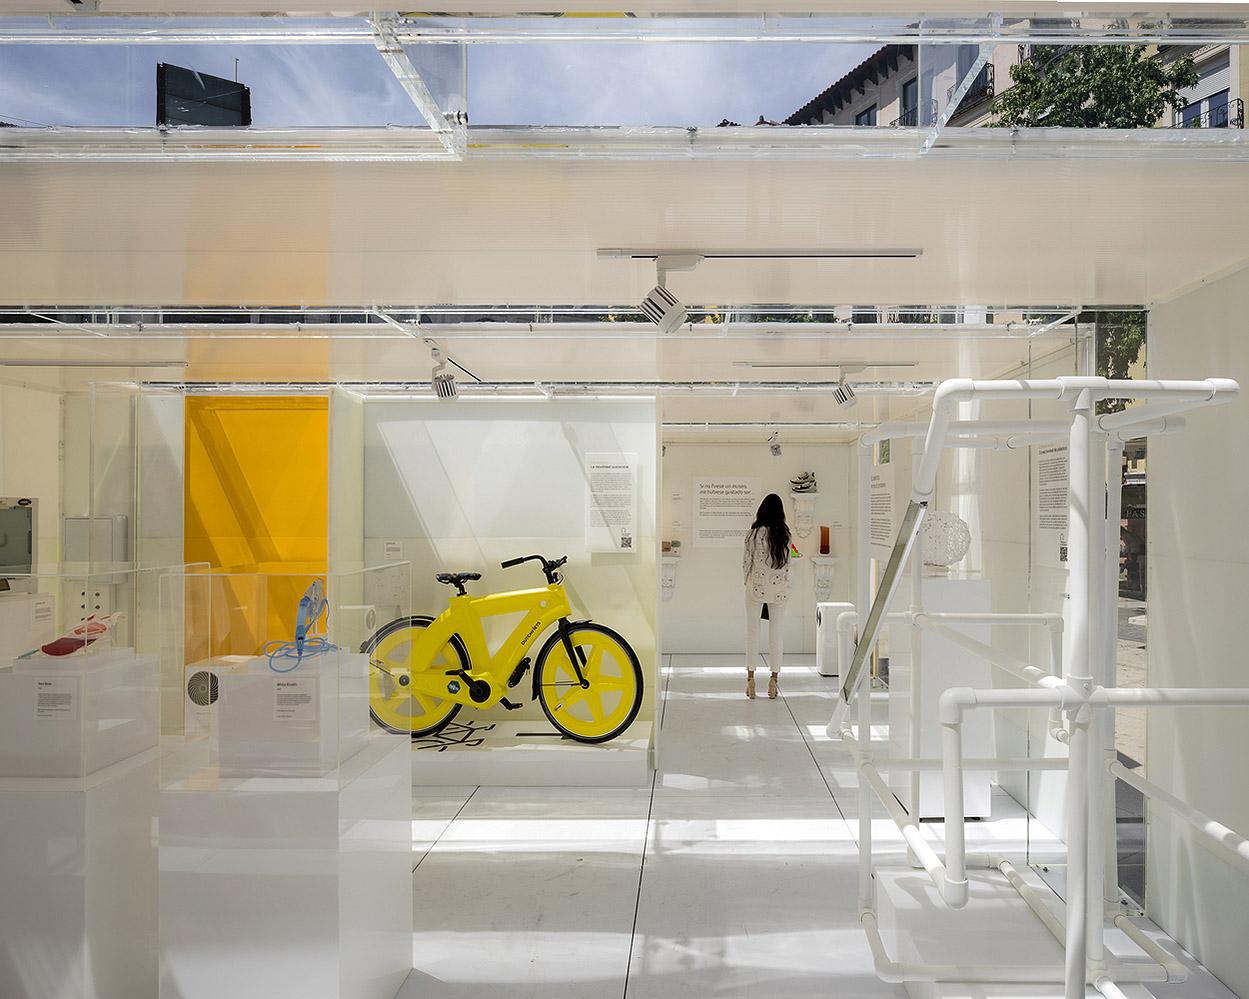 Museo-del-Plastico-delavegacanolasso-Imagen-Subliminal-05